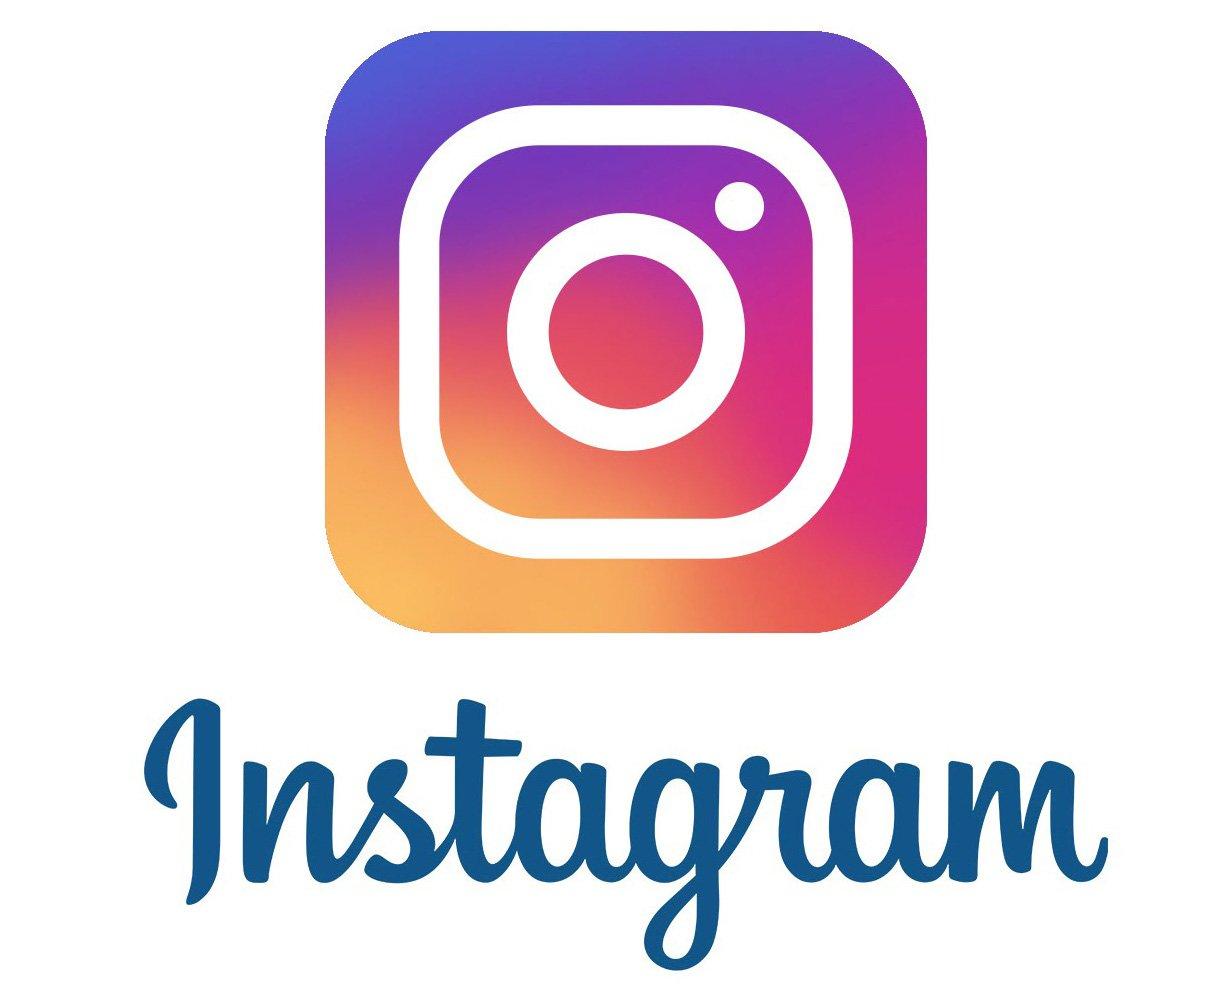 Définition : Instagram